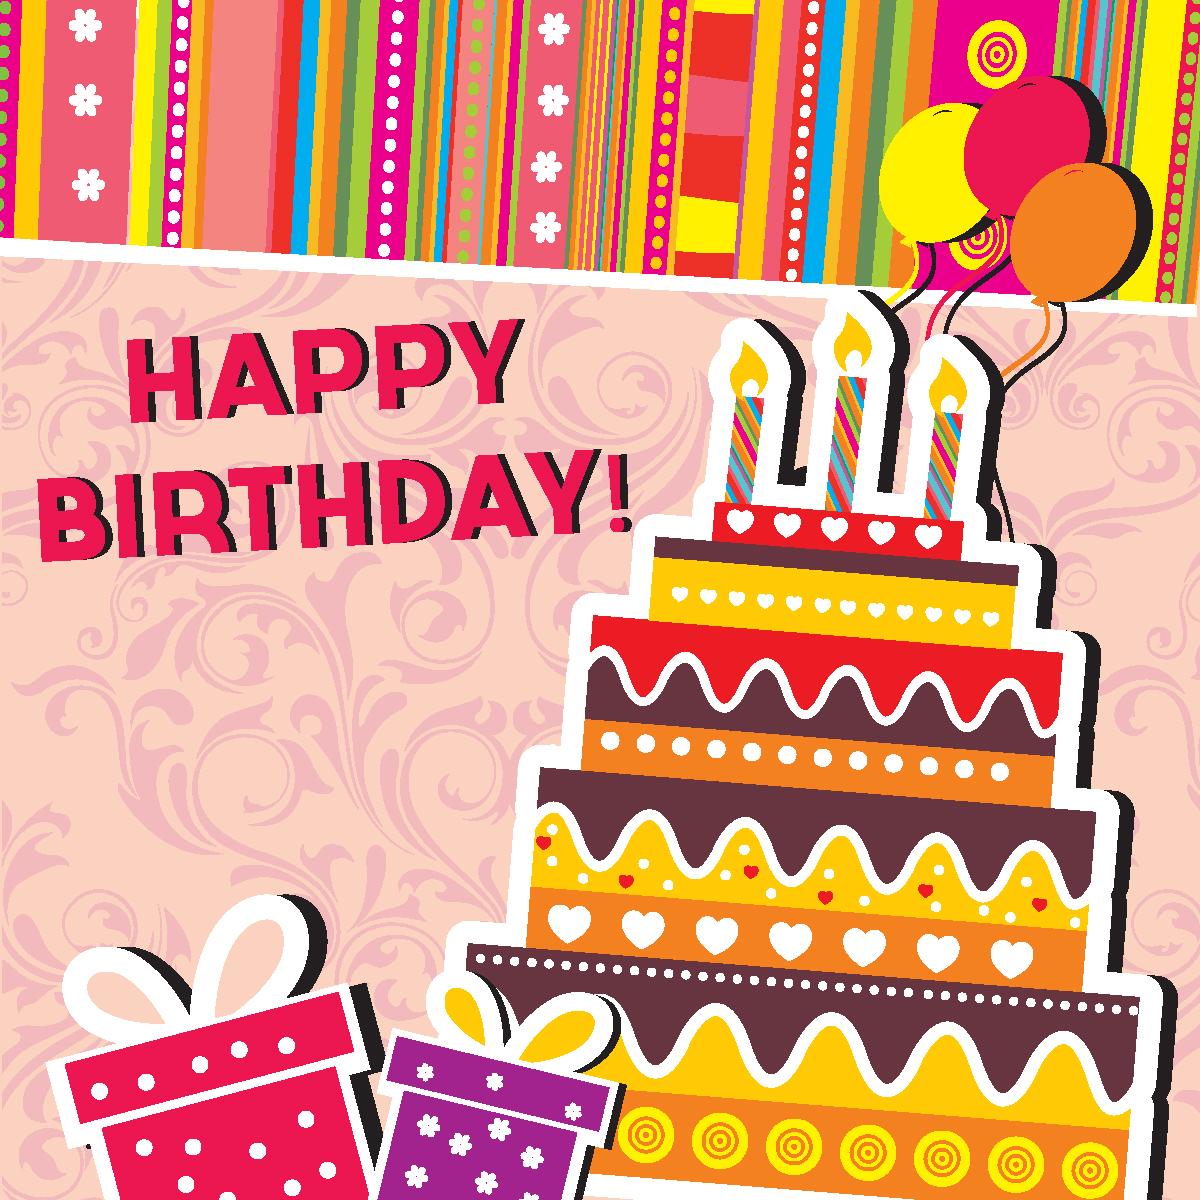 Векторные открытки с днем рождения для мужчины